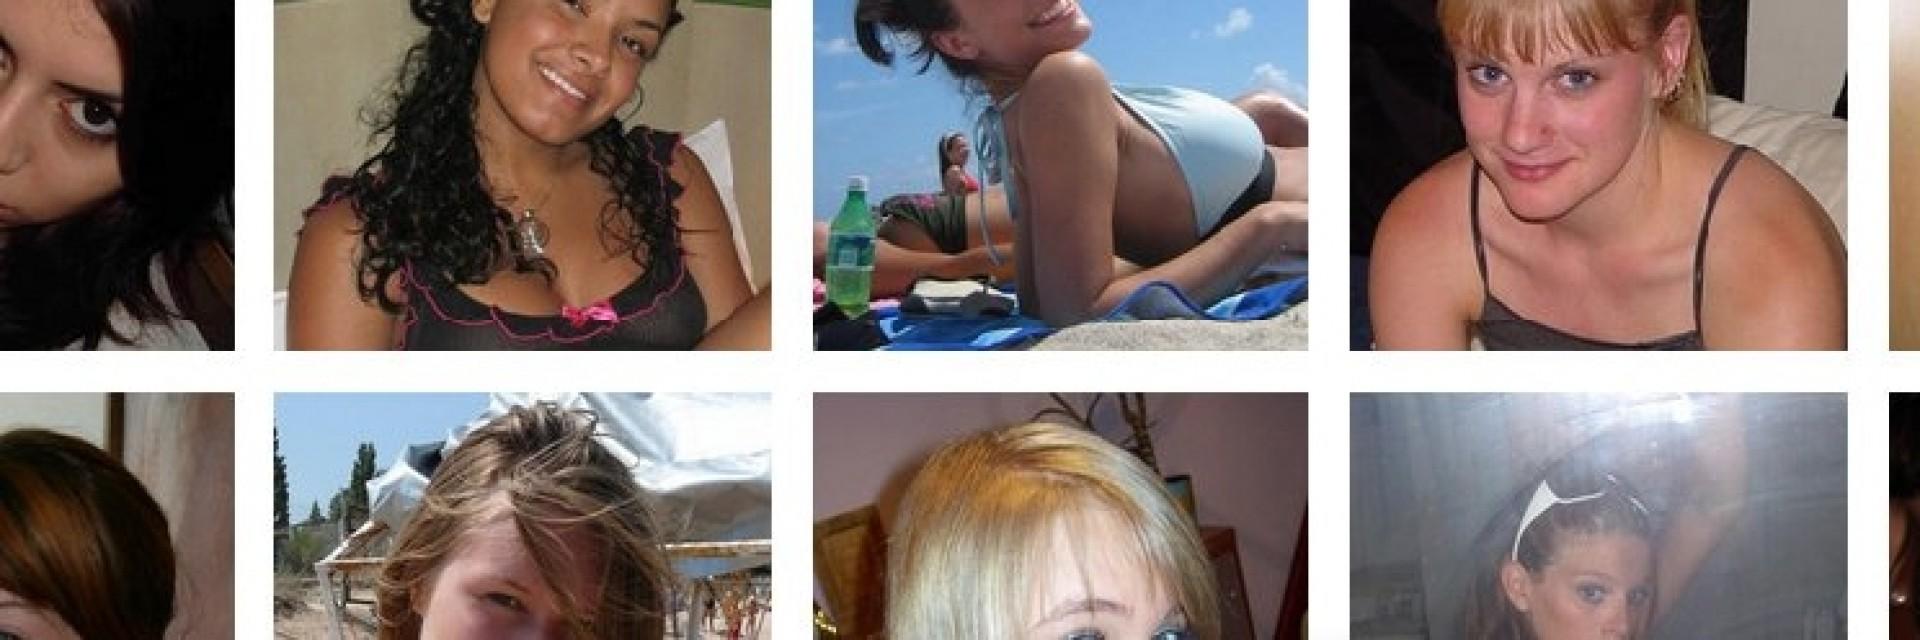 Gratis Anmelden und alle Sexkontakte sehen